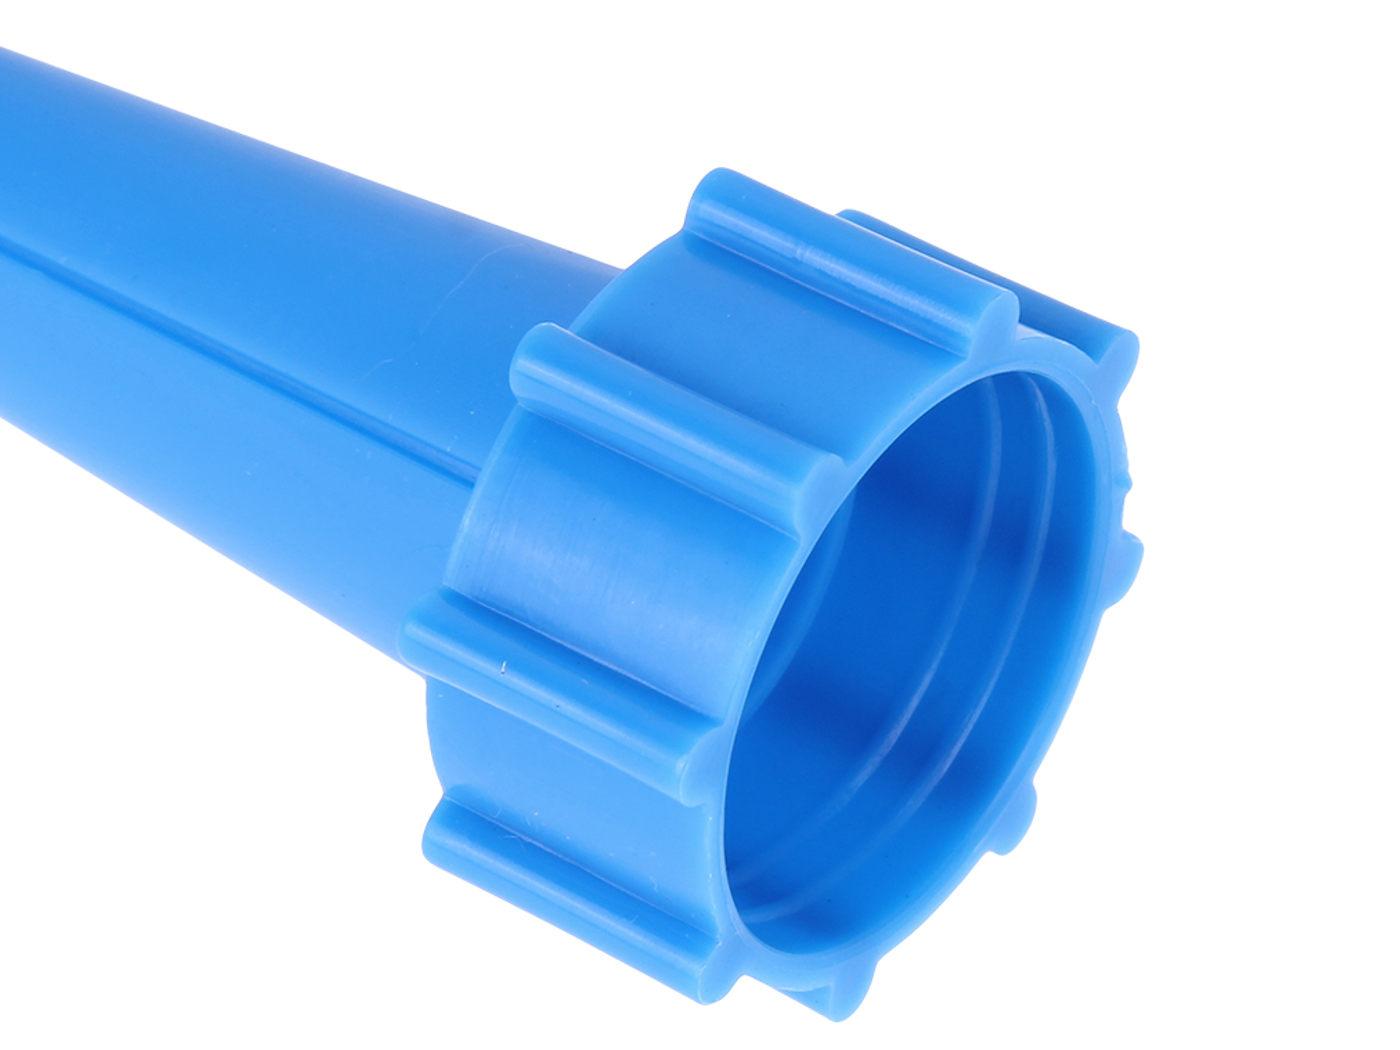 Műanyag Palackra Tekerhető Csöpögtető Önöntöző